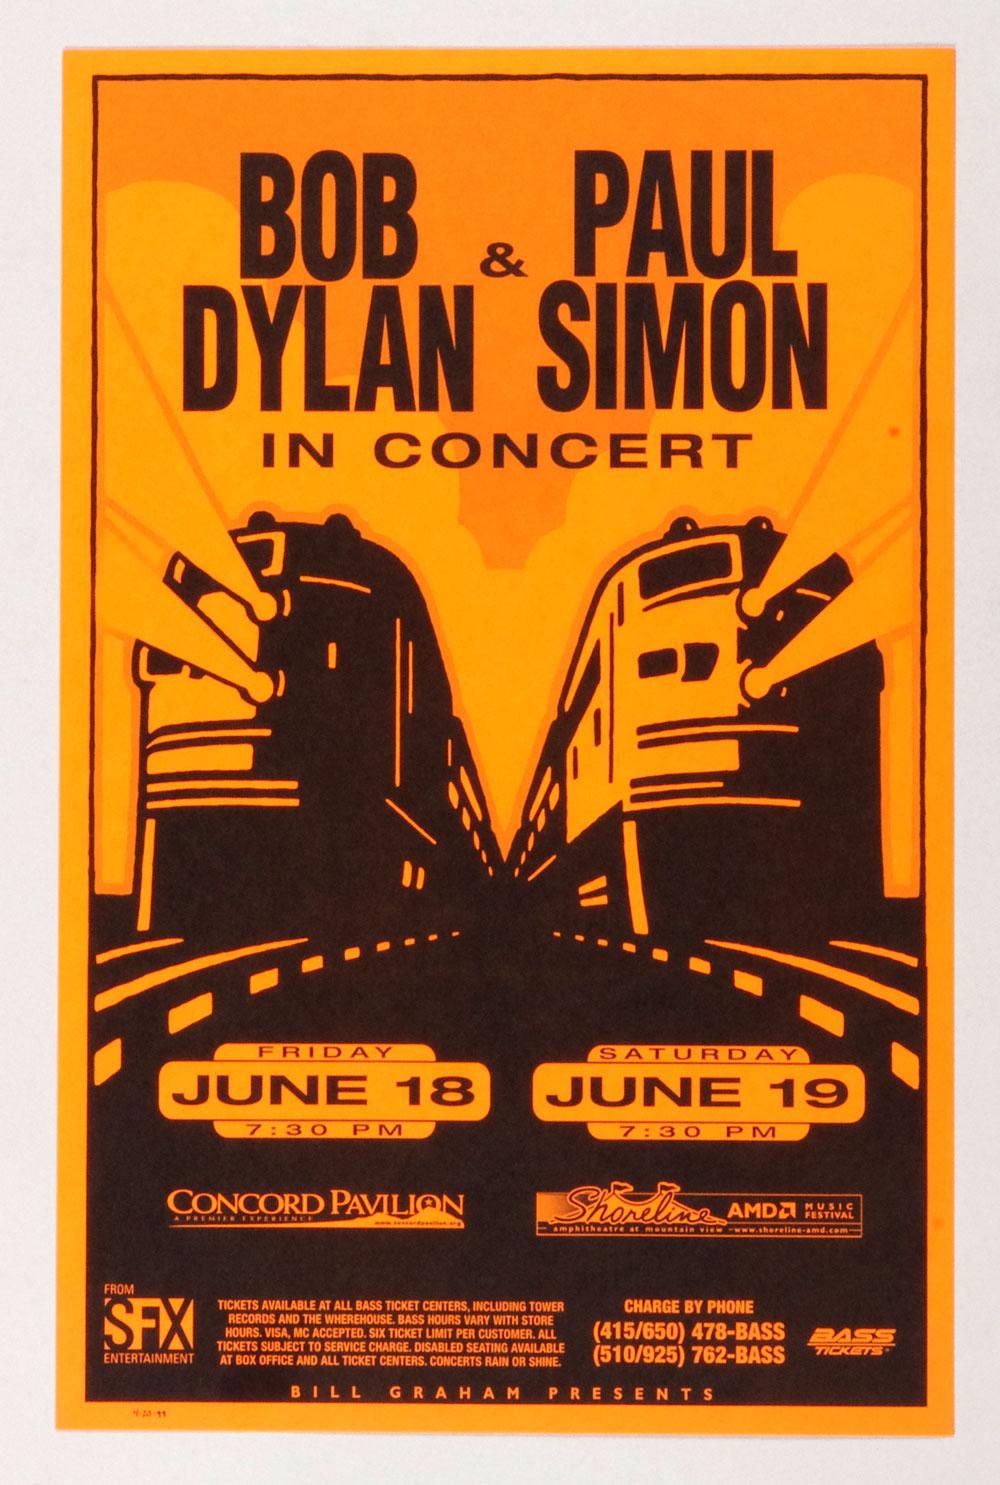 Bob Dylan Paul Simon Poster 1999 Jun 18 Concord Pavilion Shoreline Amphitheatre